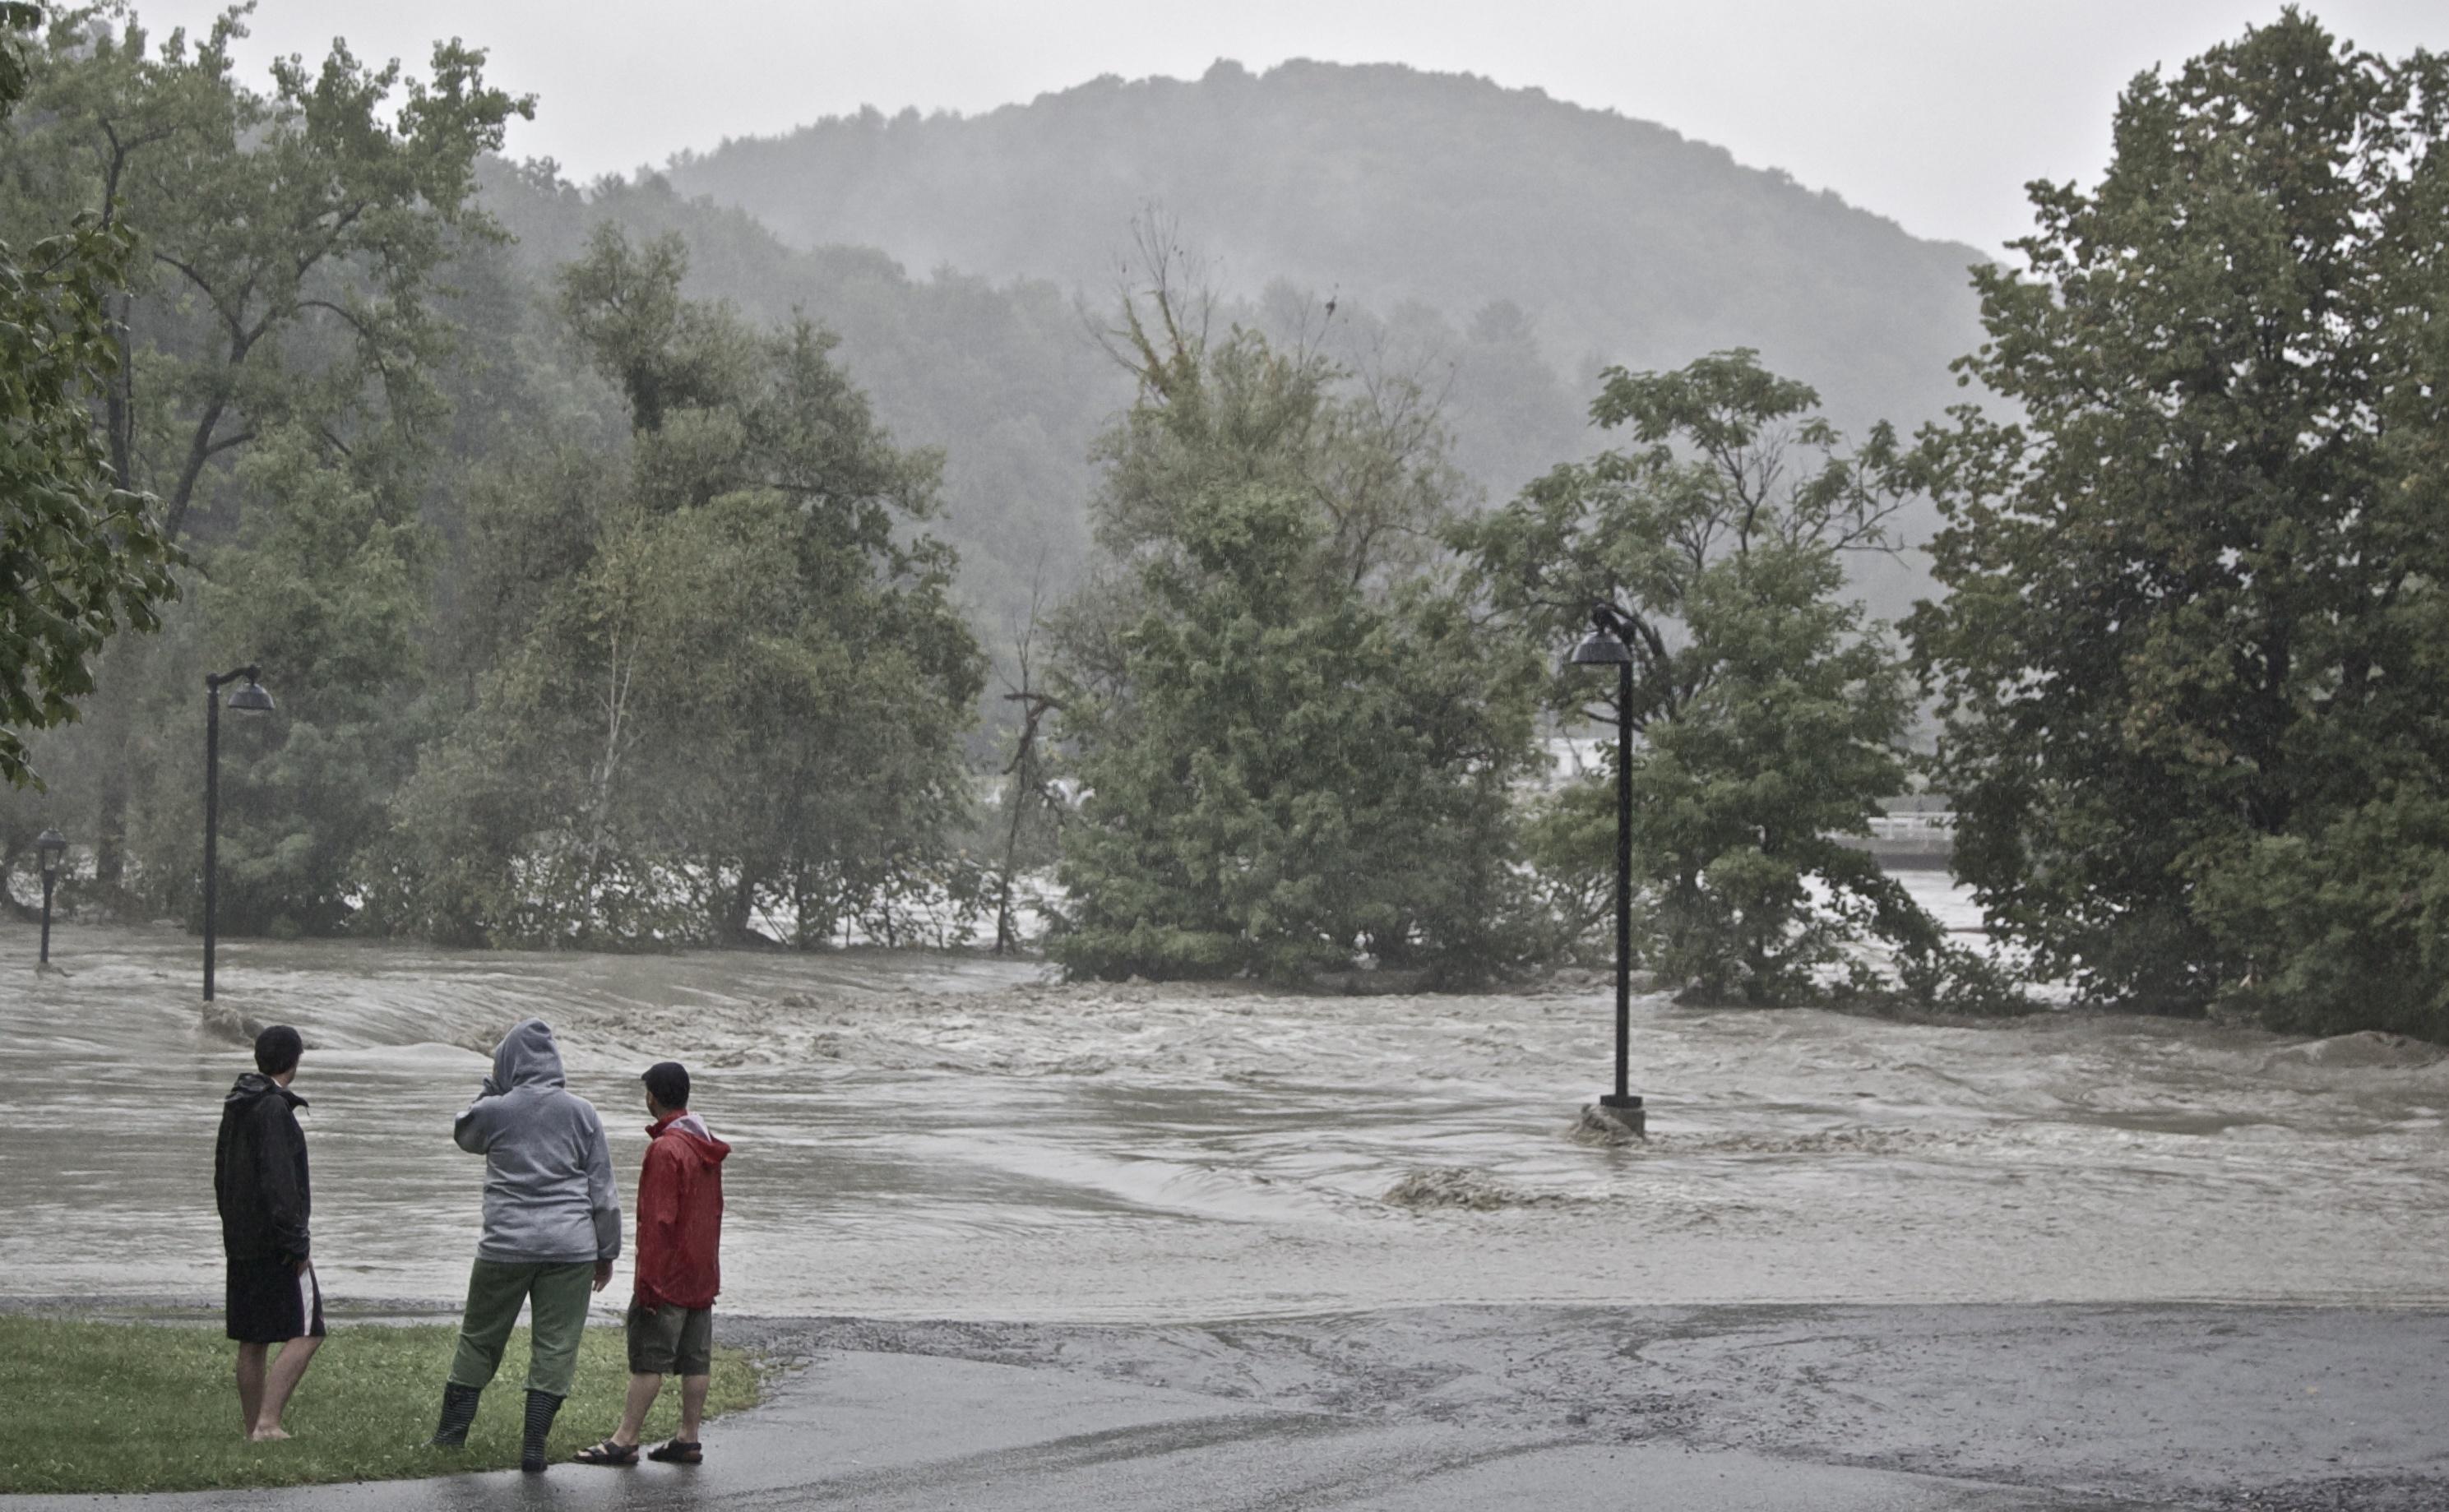 Remembering Hurricane Irene